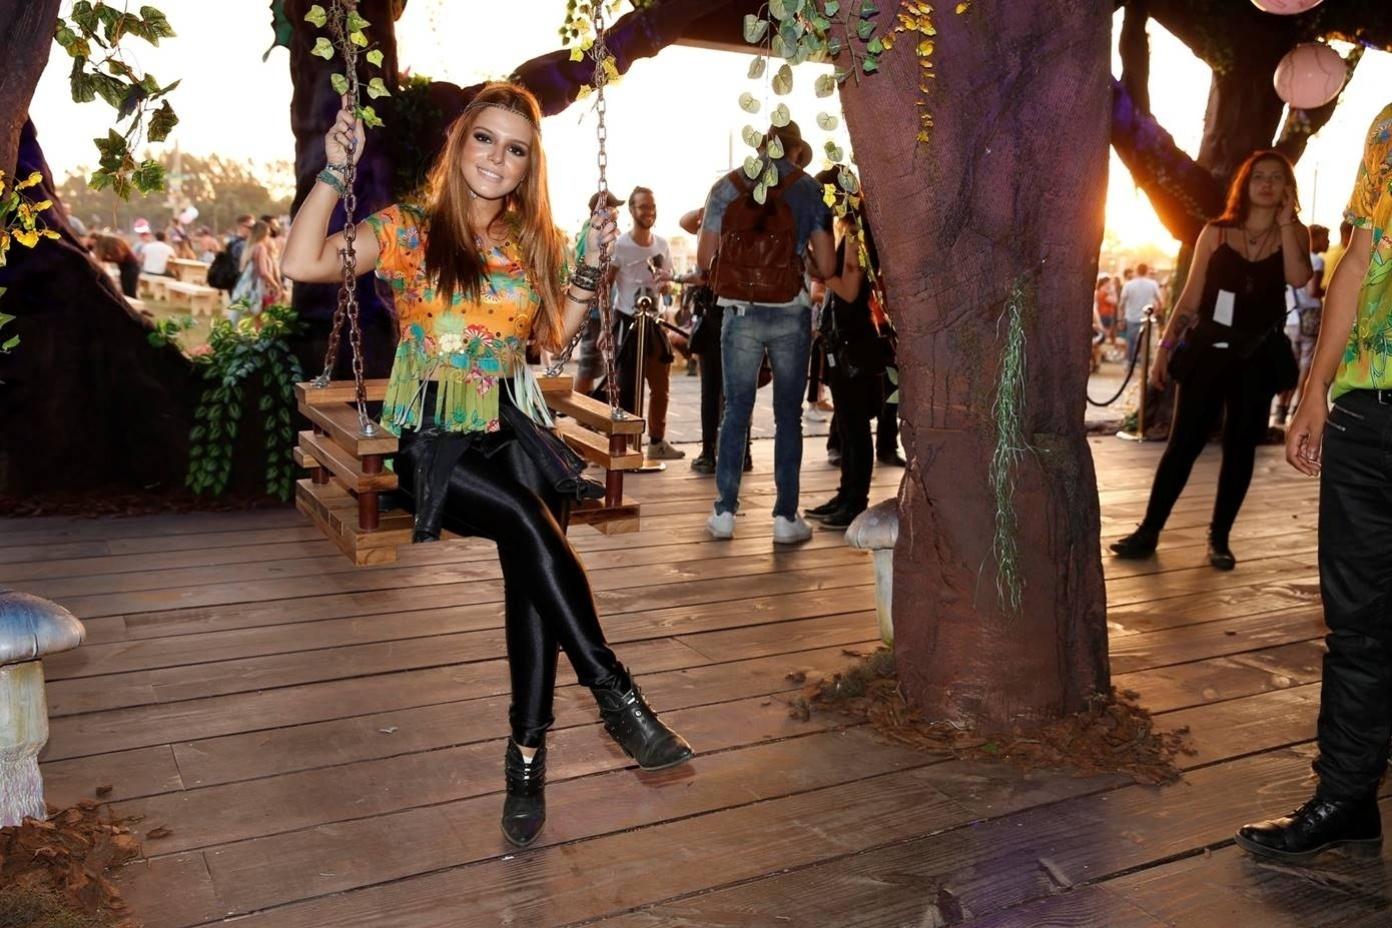 01.mai.2015 - Giovanna Lancellotti foi uma das celebridades que foi curtir o festival belga de música eletrônica Tomorrowland, que desembarcou no Brasil nesta sexta-feira